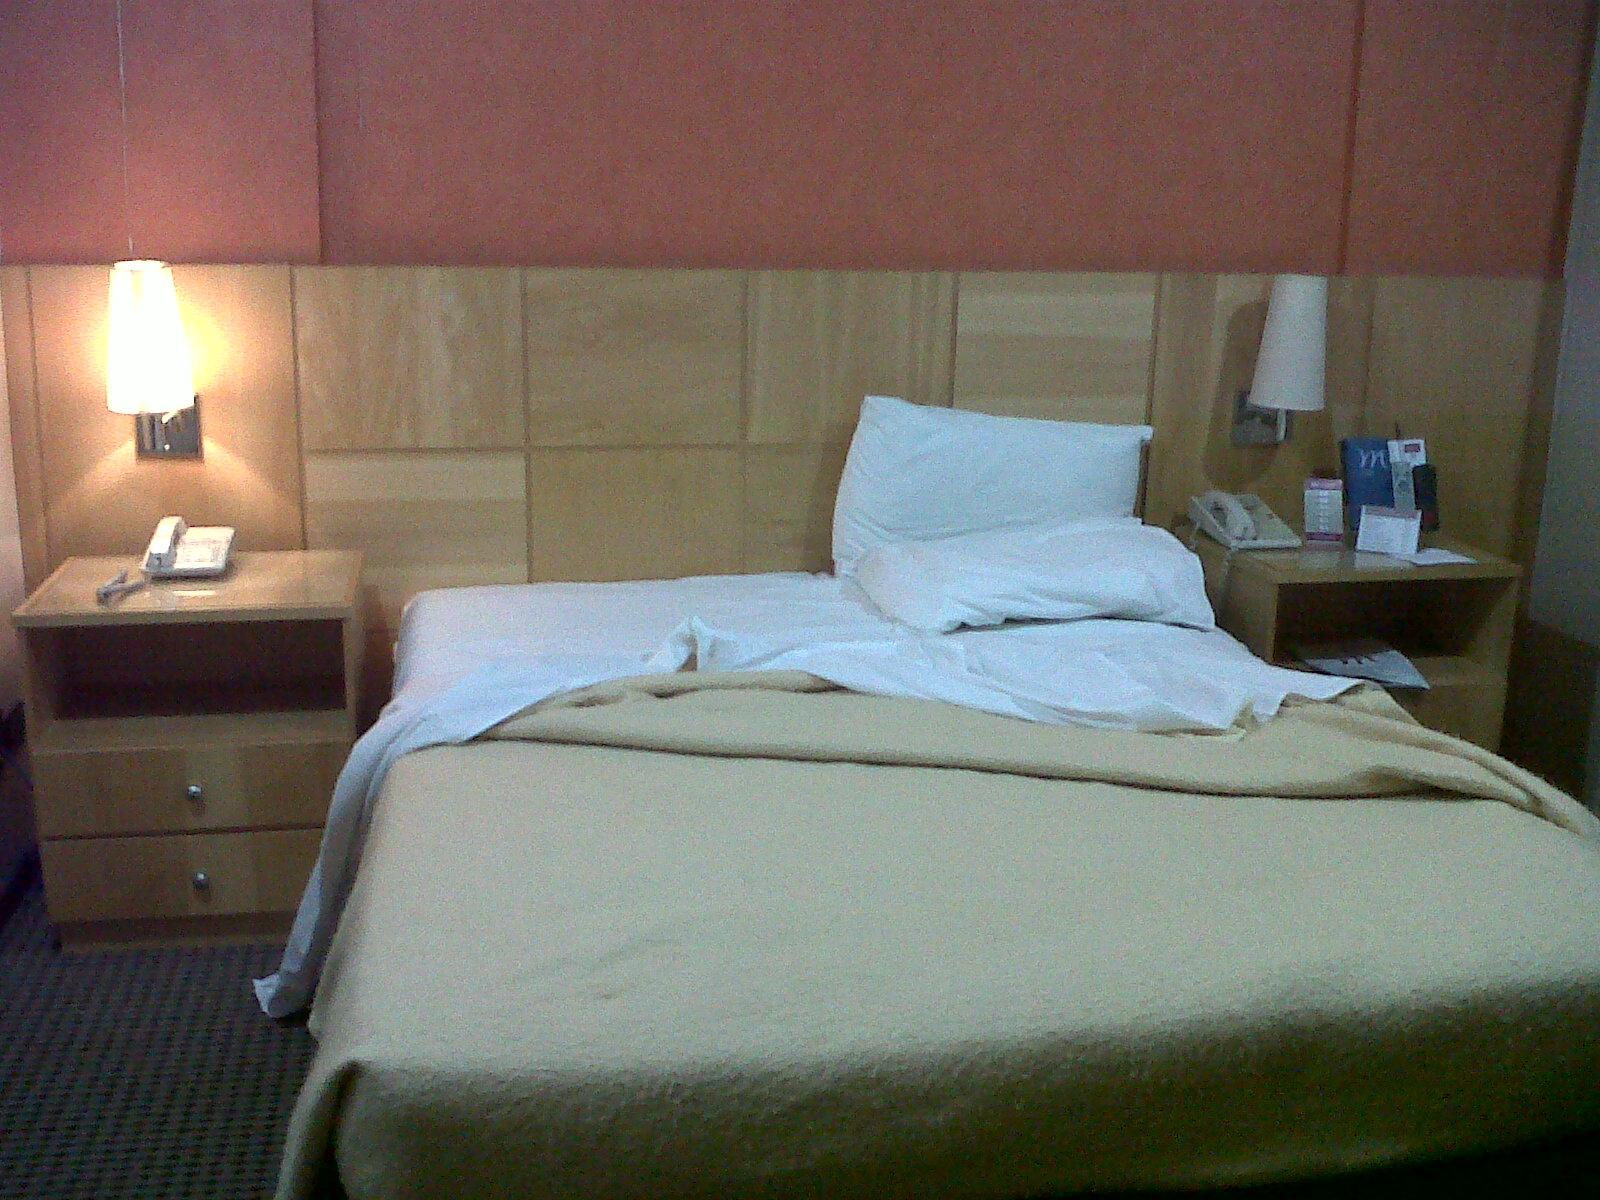 Imagens de #B46317 Essa é a cama que era até bem confortável coberta com o cobertor  1600x1200 px 3028 Box Banheiro Curitiba